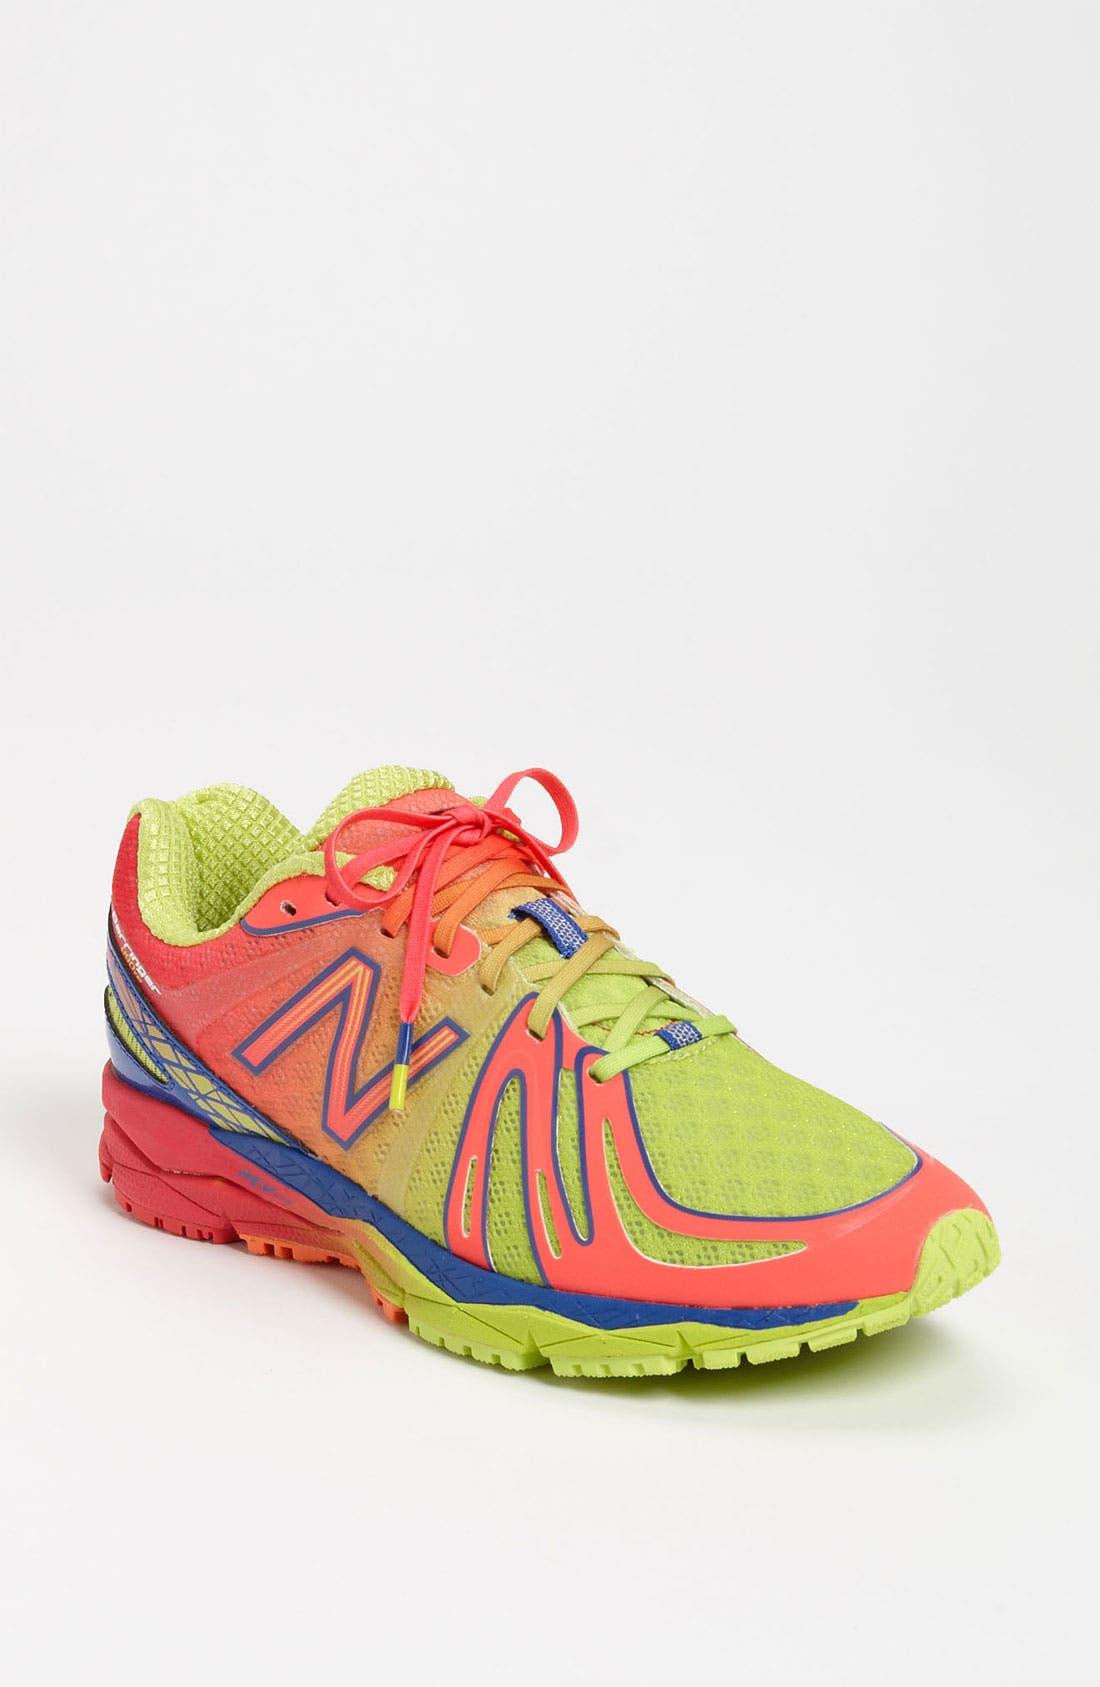 Main Image - New Balance '890' Rainbow Running Shoe (Women)